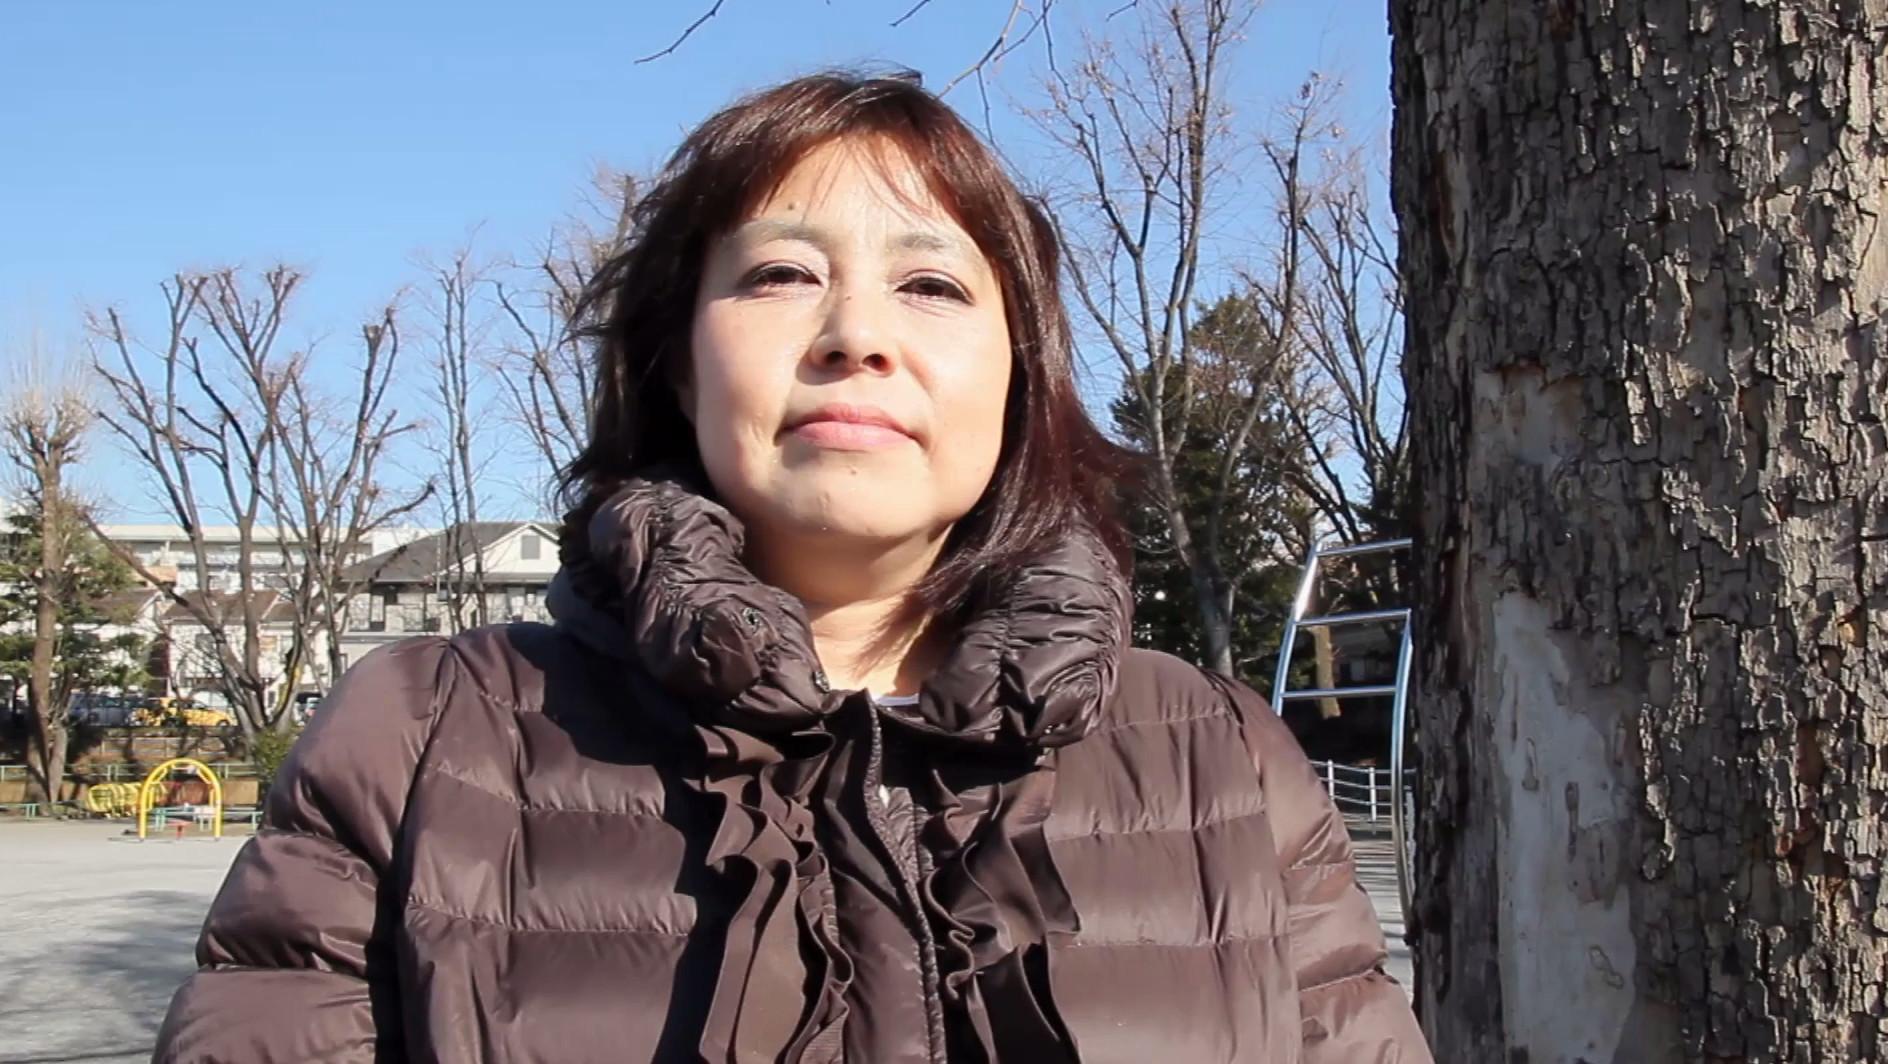 Tomizawa Misuzu